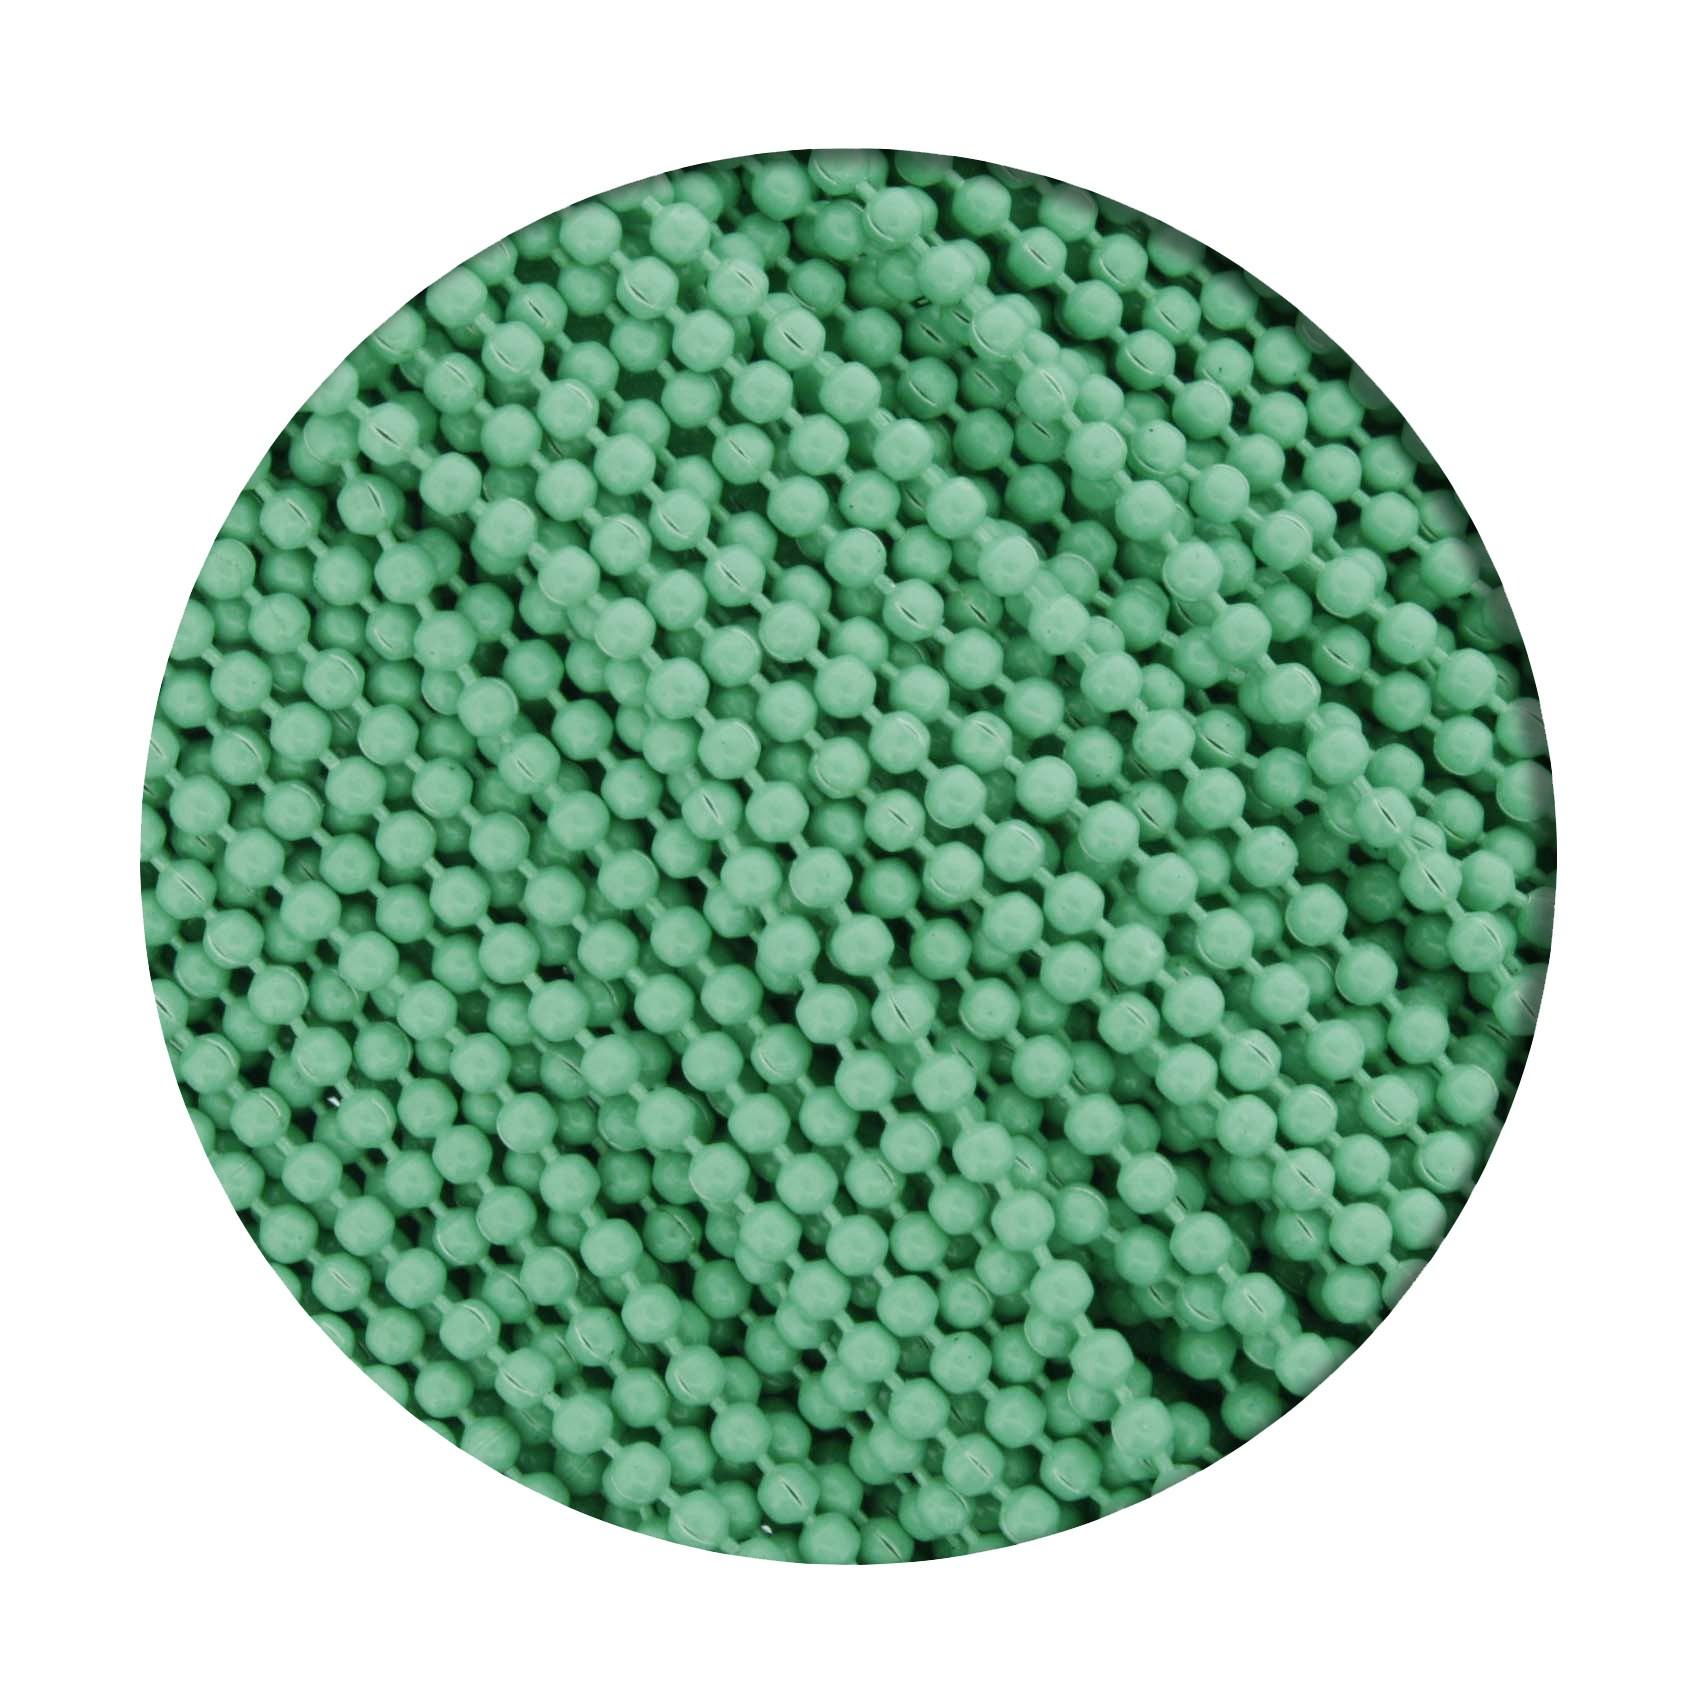 Corrente de Bolinha - 1,5mm - Verde Água  - Stéphanie Bijoux® - Peças para Bijuterias e Artesanato